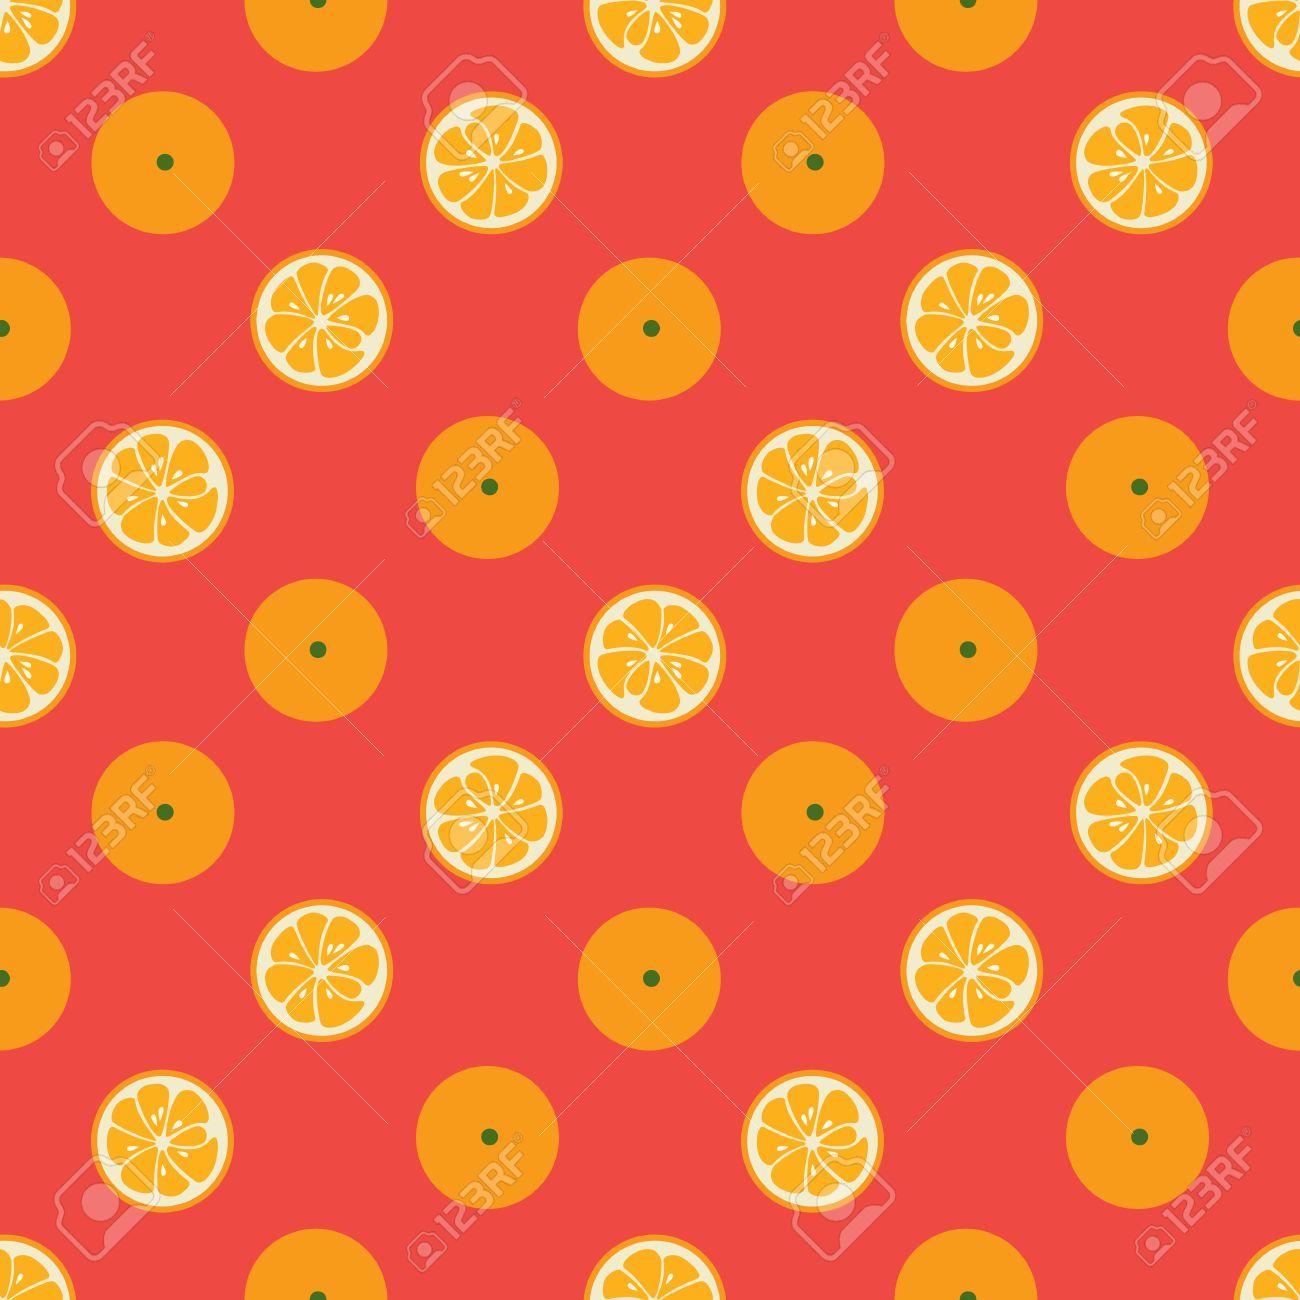 クモ 物理的に 匹敵します オレンジ 壁紙 かわいい Untour Jp